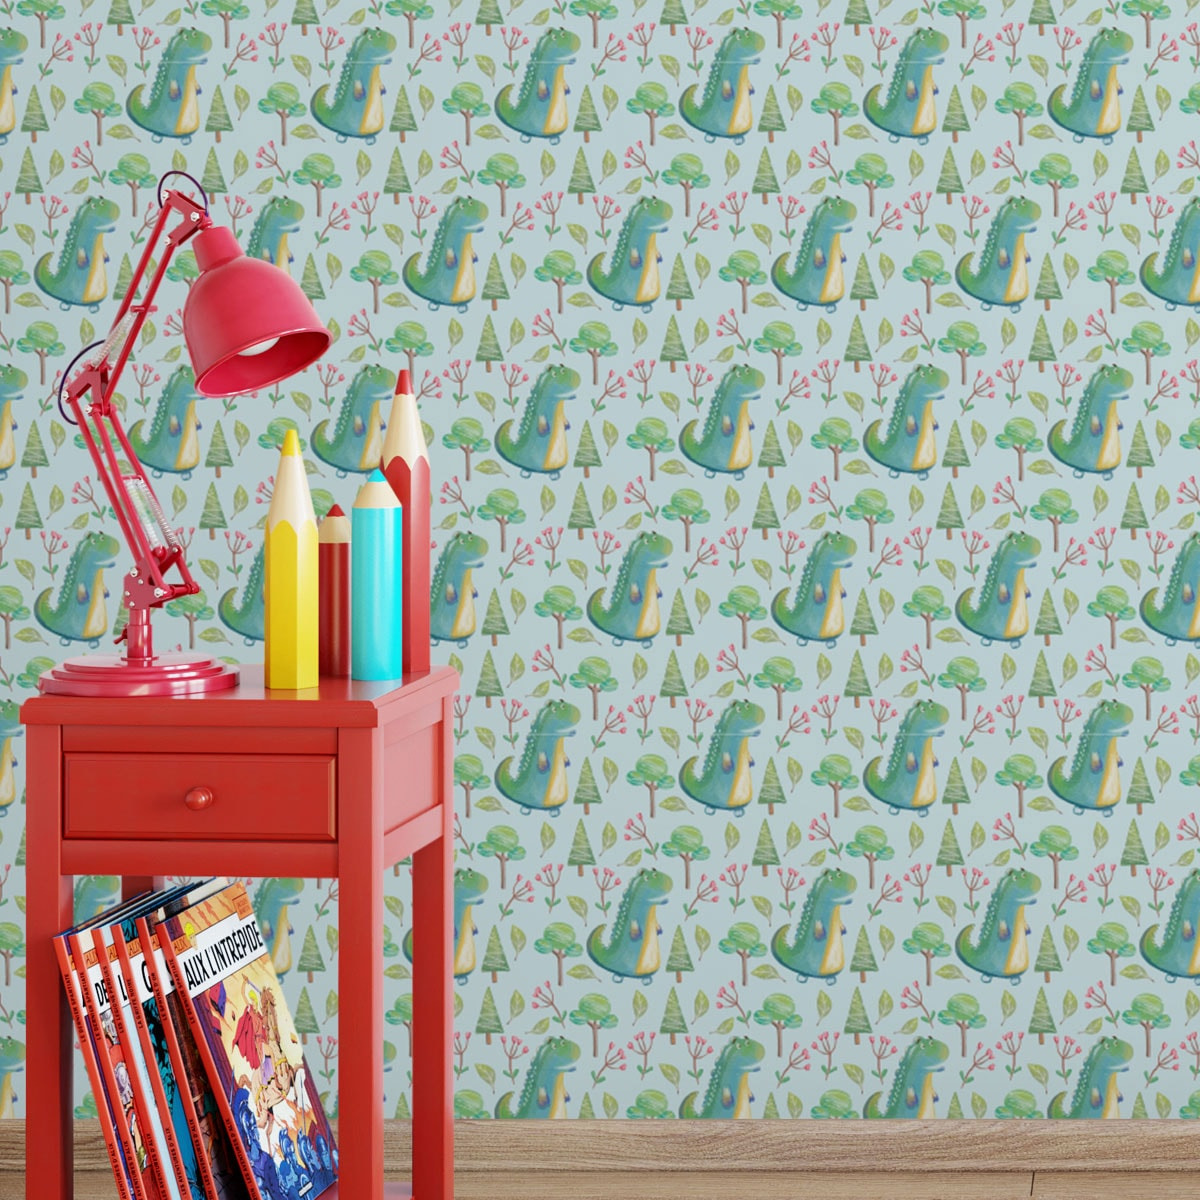 Kinderzimmer Tapete mit kleinen Drachen im Zauberwald auf hellblau angepasst an Little Greene Wandfarben- Vliestapete Figuren